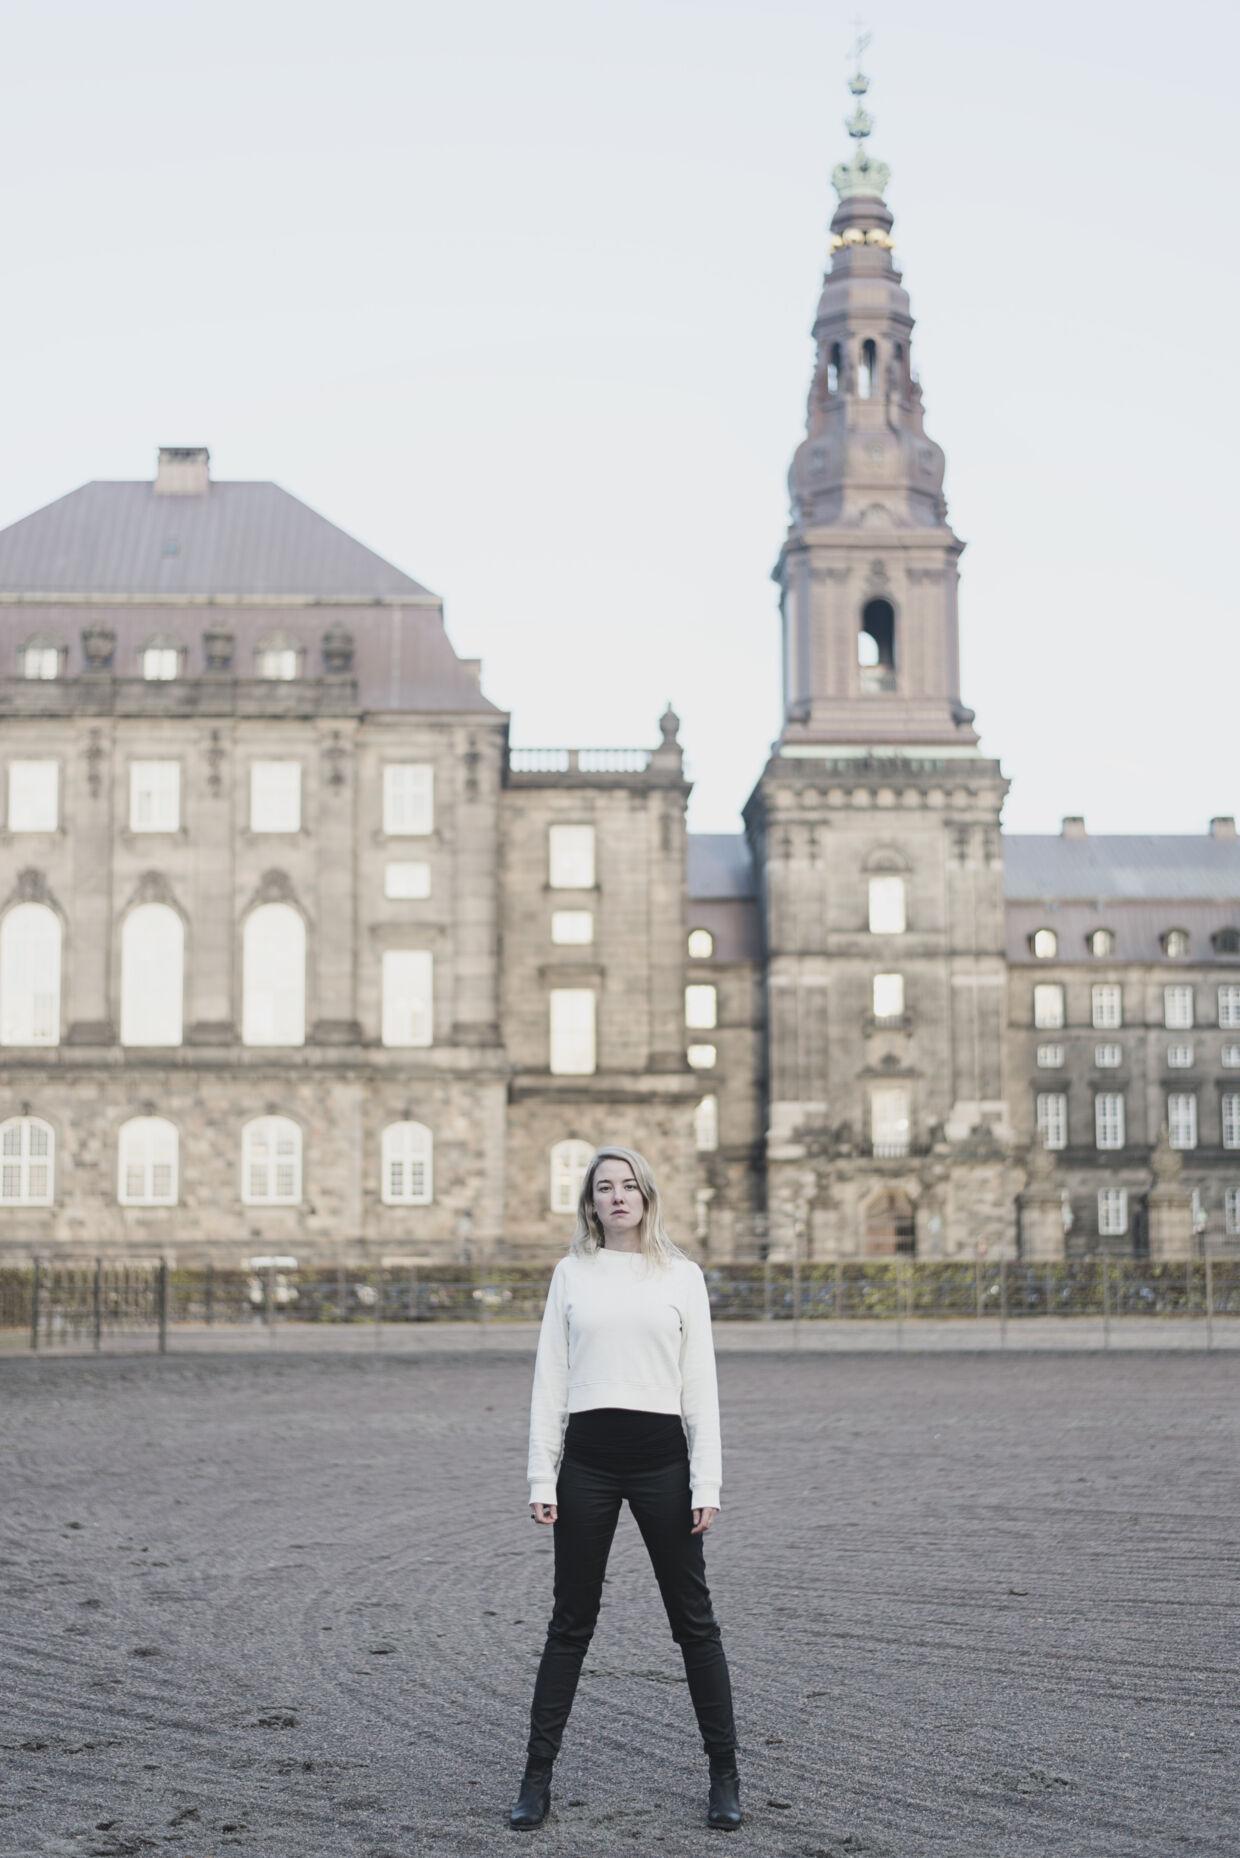 Susan Simonsen er blevet kendt – efter sin tid på Christiansborg. Fotos: Sofie Amalie Klougart